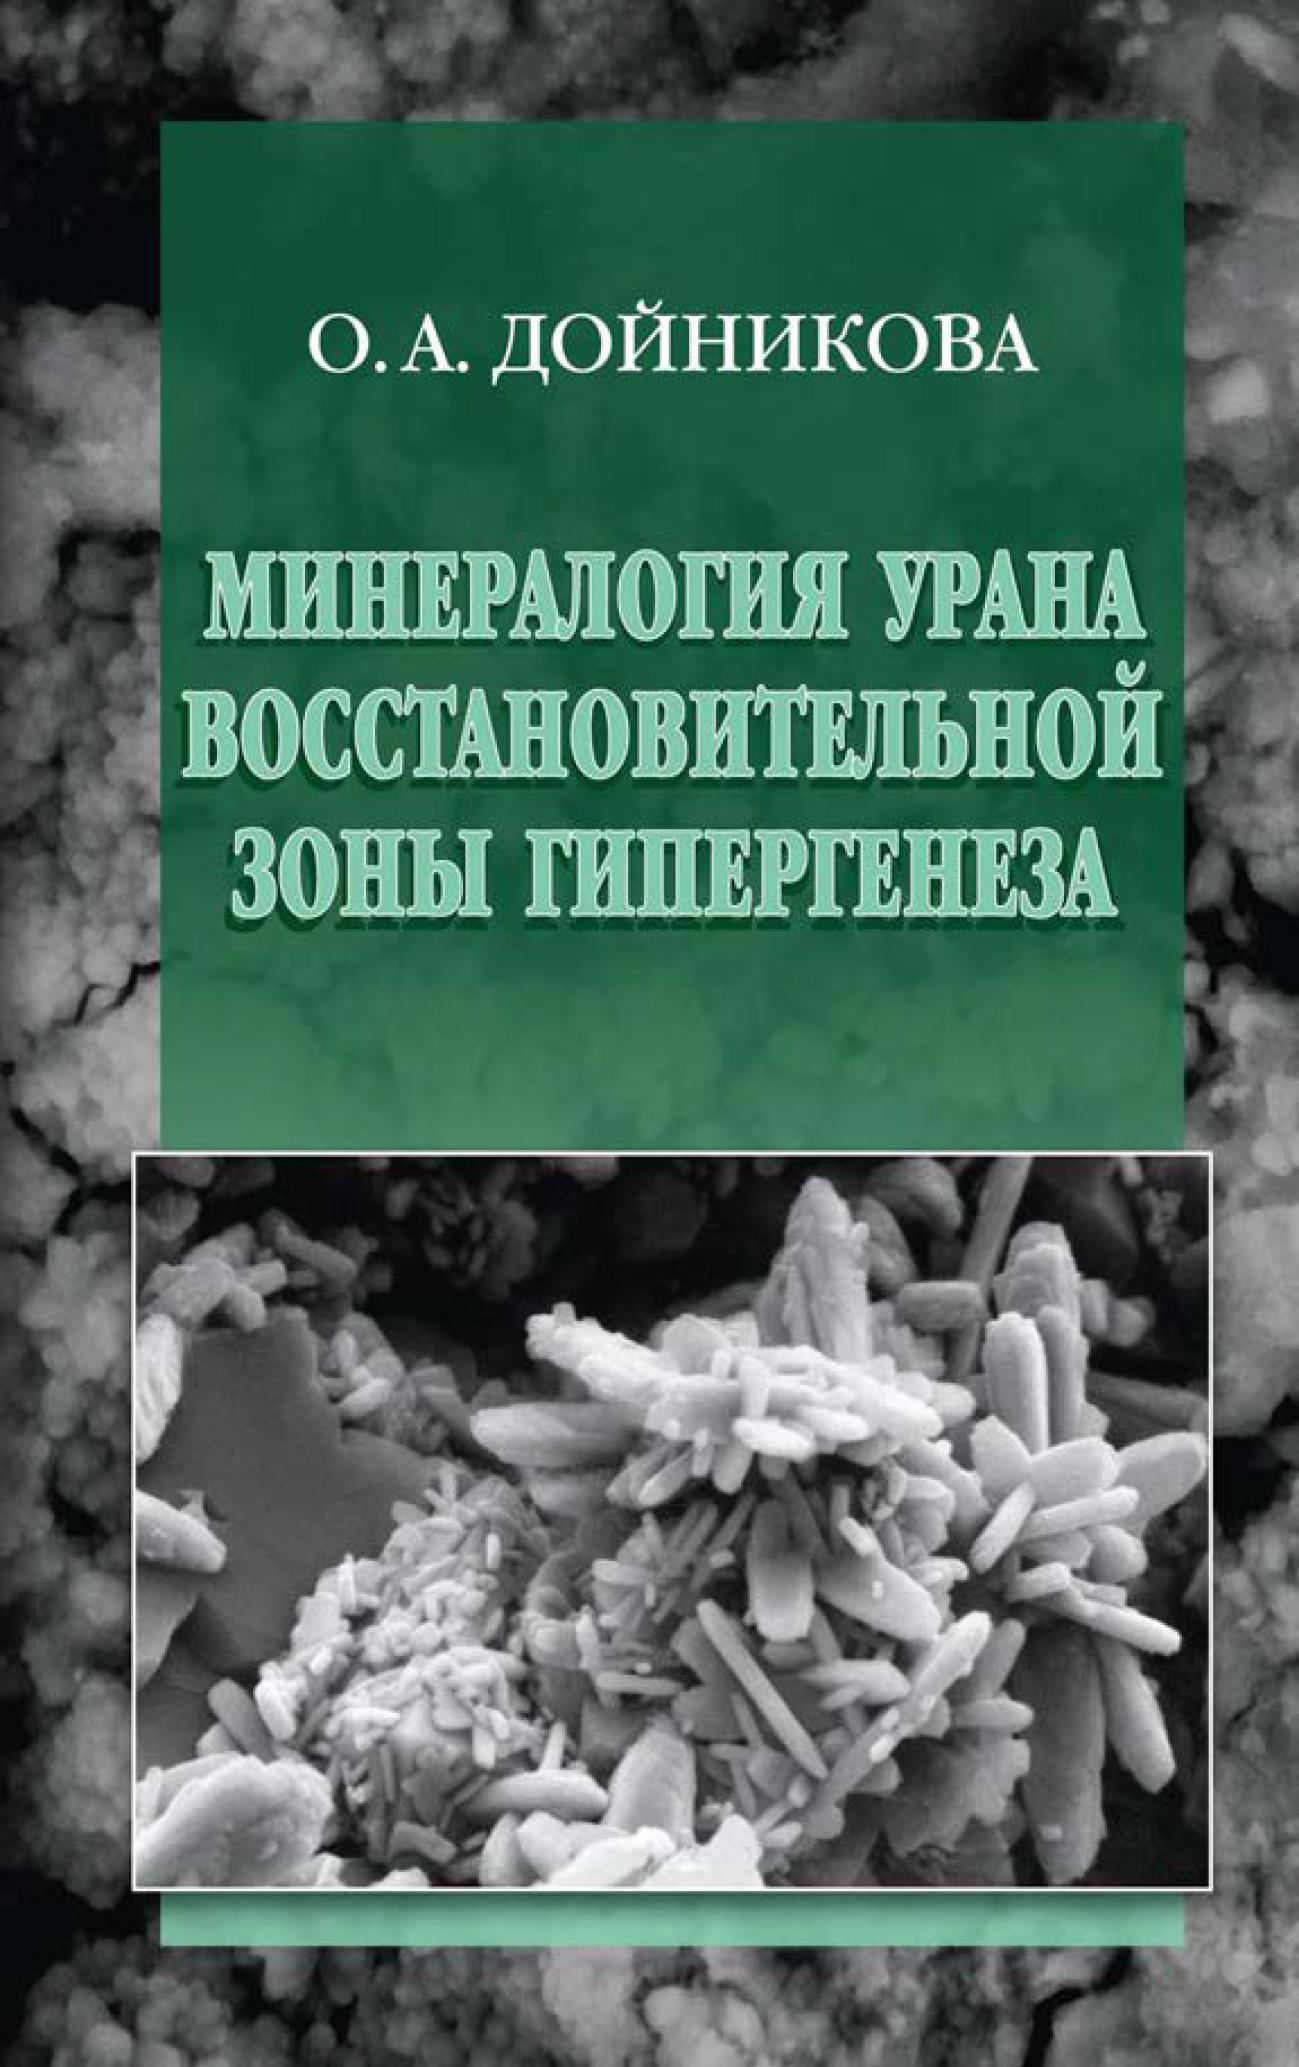 Ольга Дойникова Минералогия урана восстановительной зоны гипергенеза (по данным электронной микроскопии)